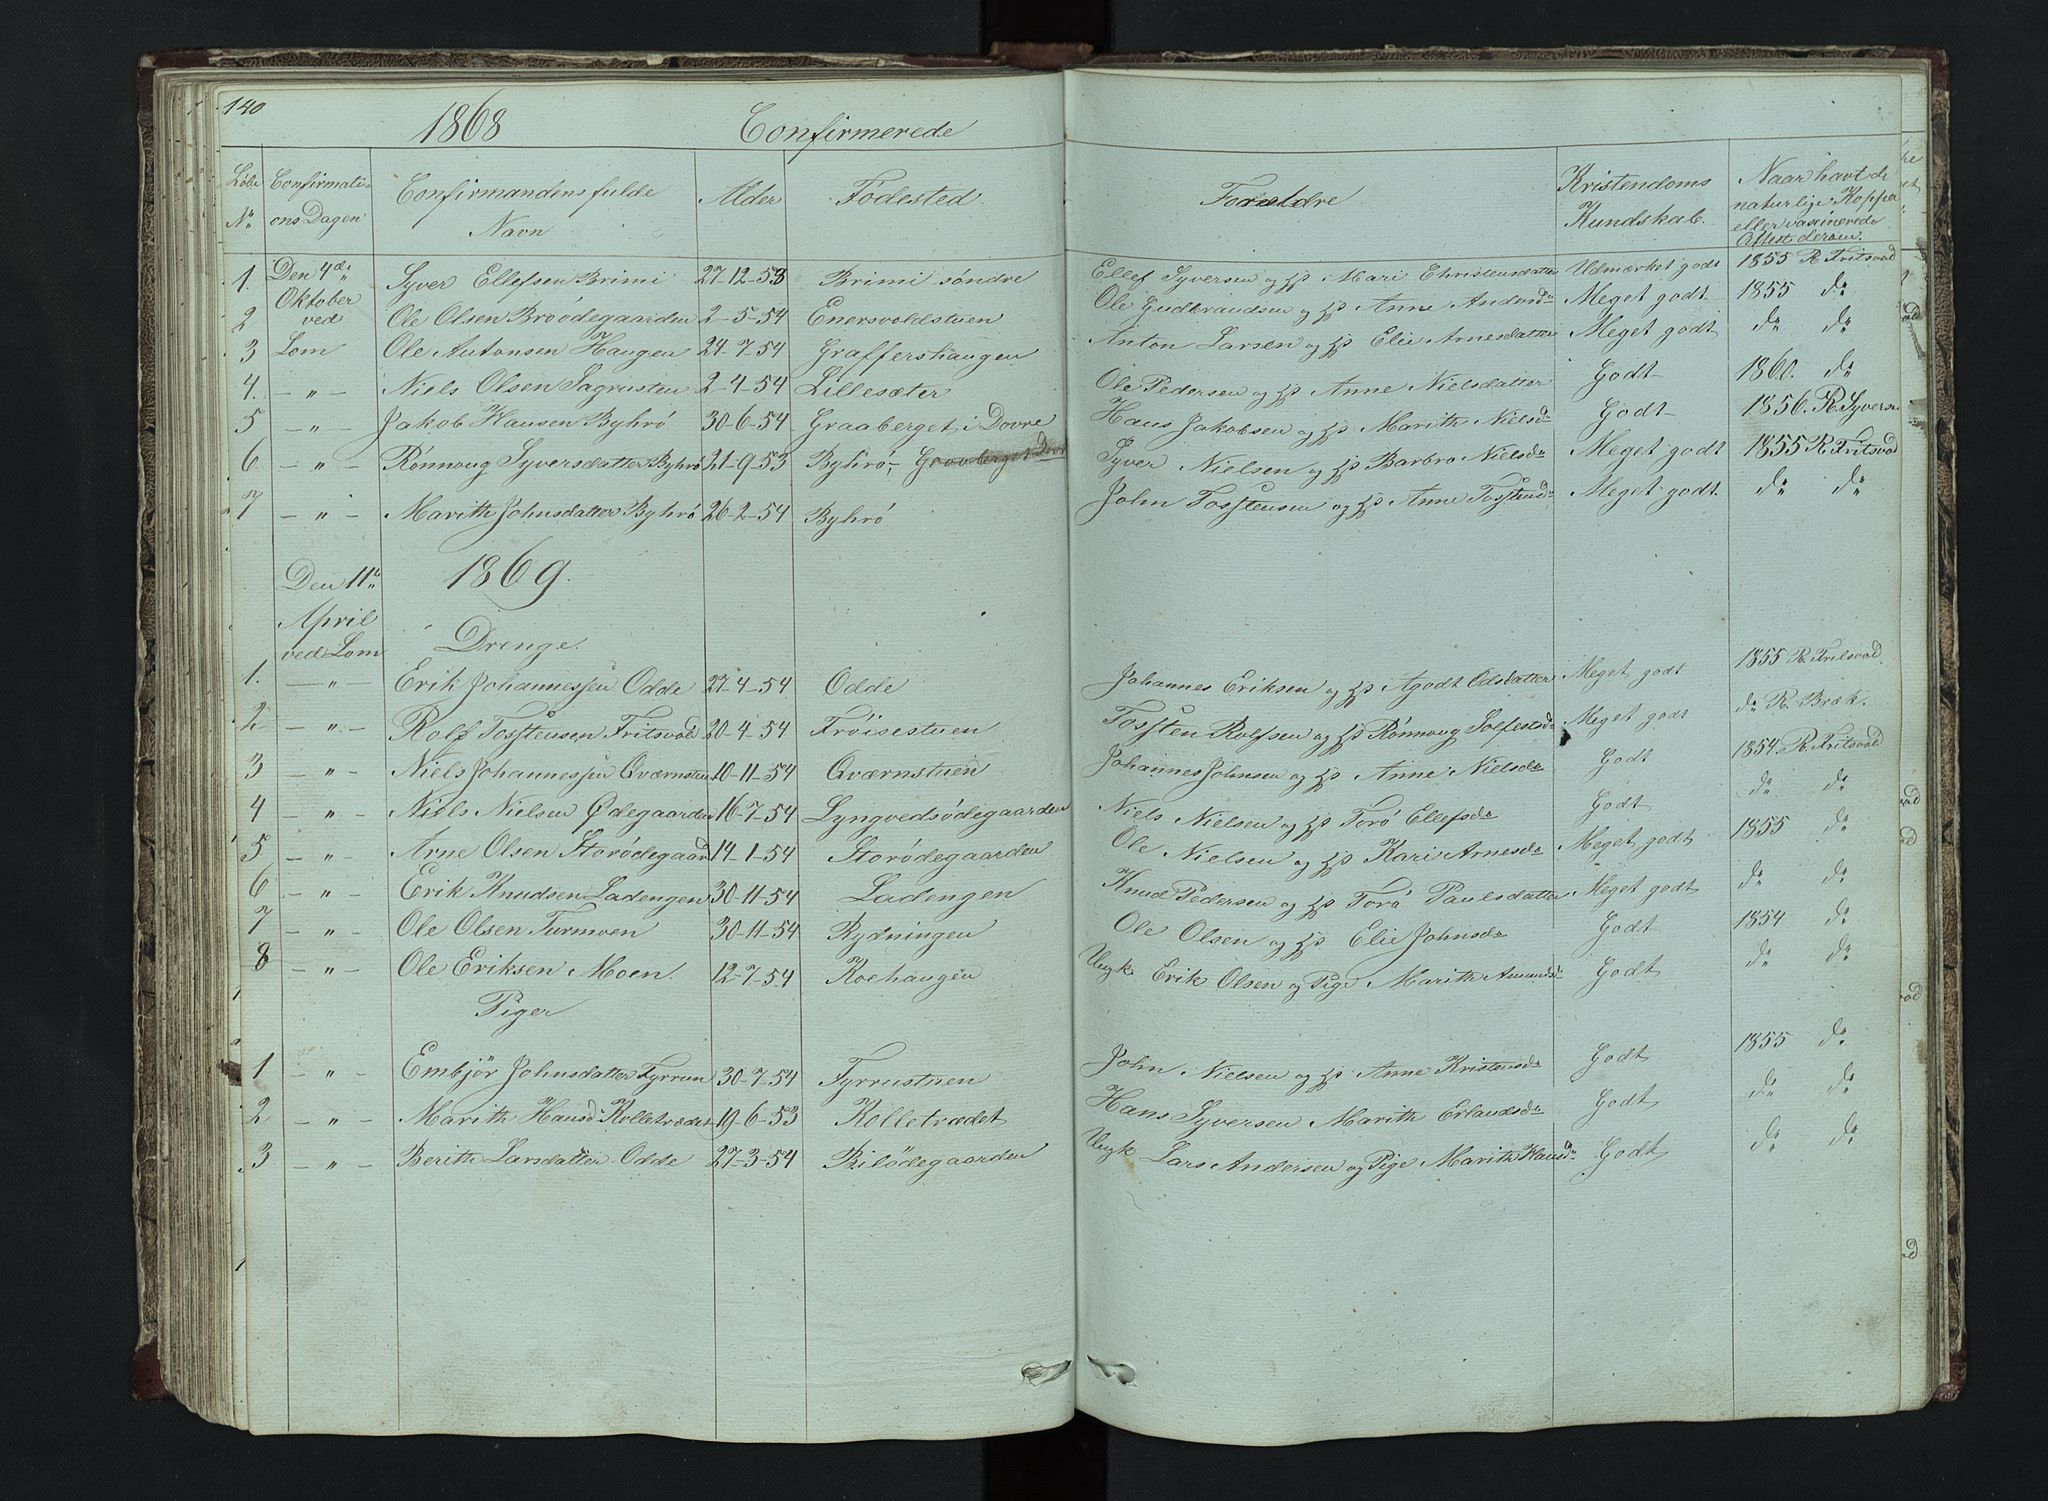 SAH, Lom prestekontor, L/L0014: Klokkerbok nr. 14, 1845-1876, s. 140-141